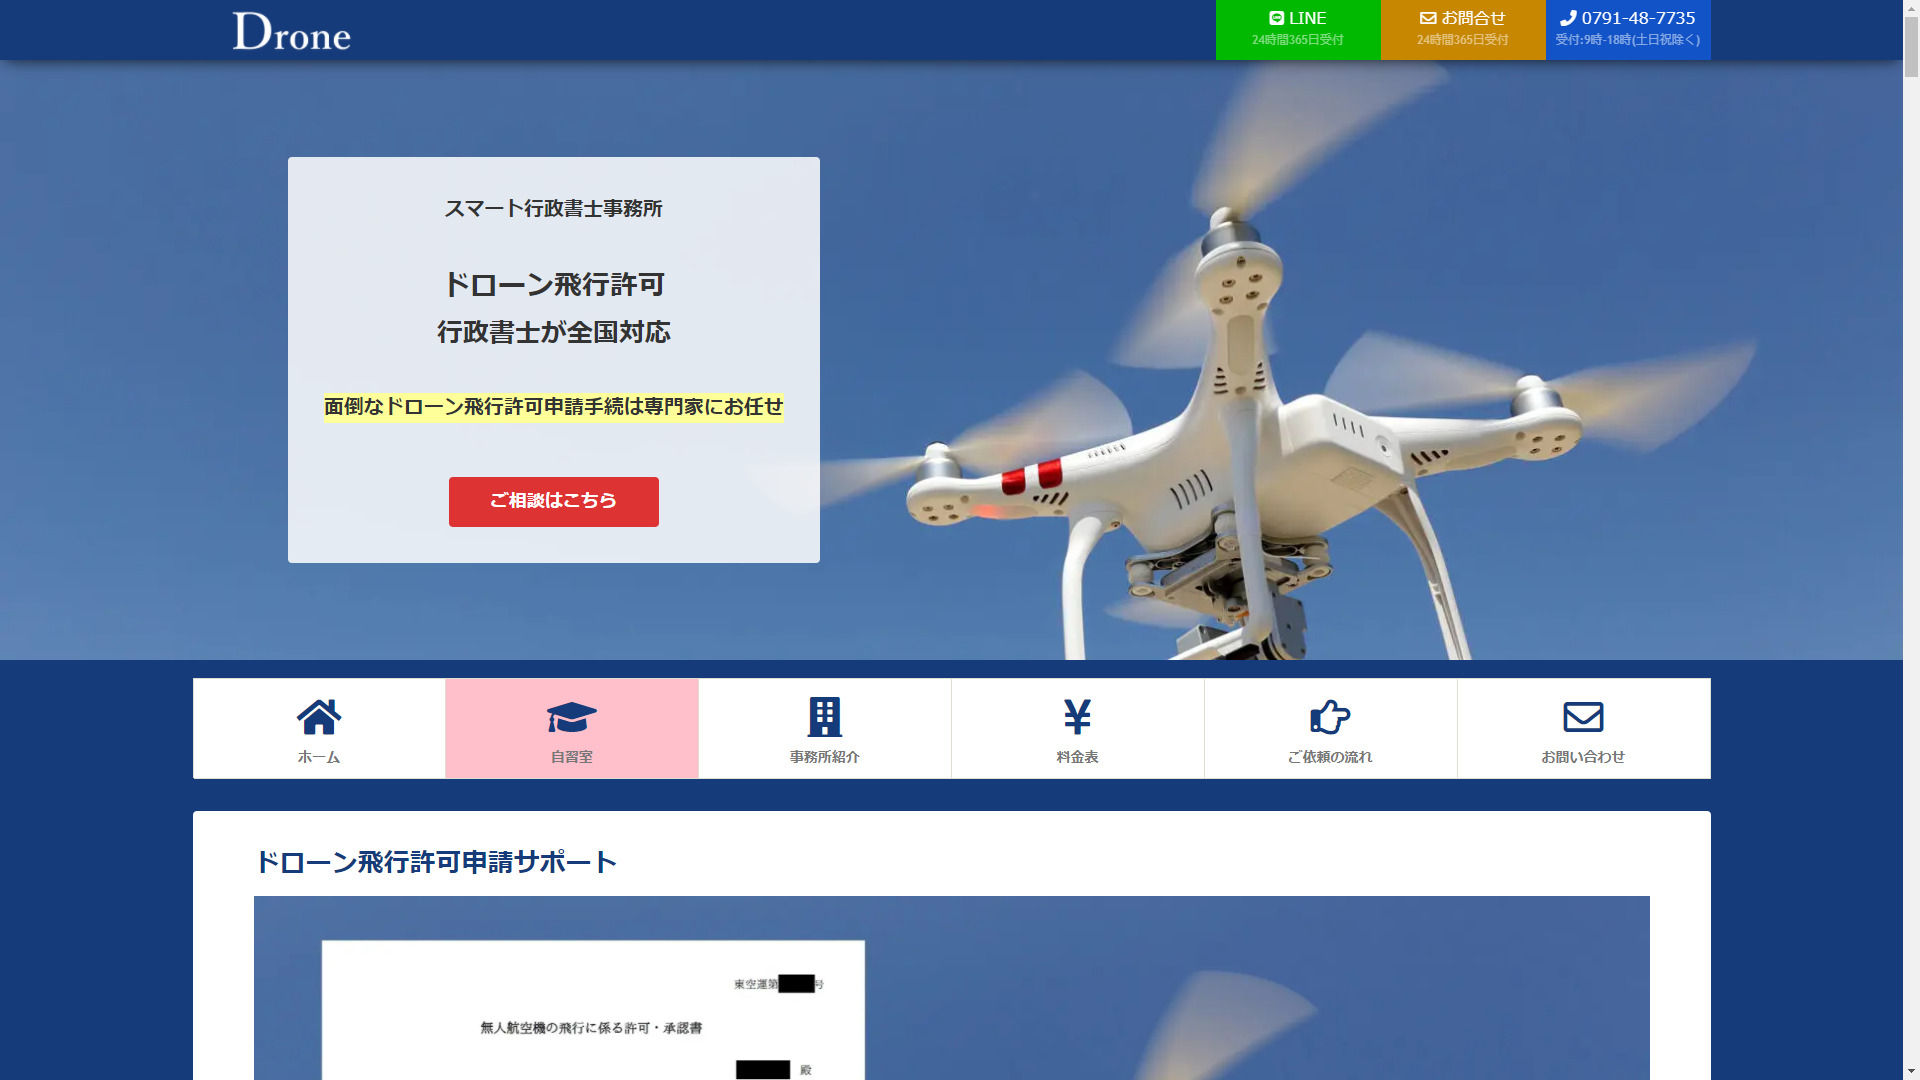 ドローン飛行許可申請サポート